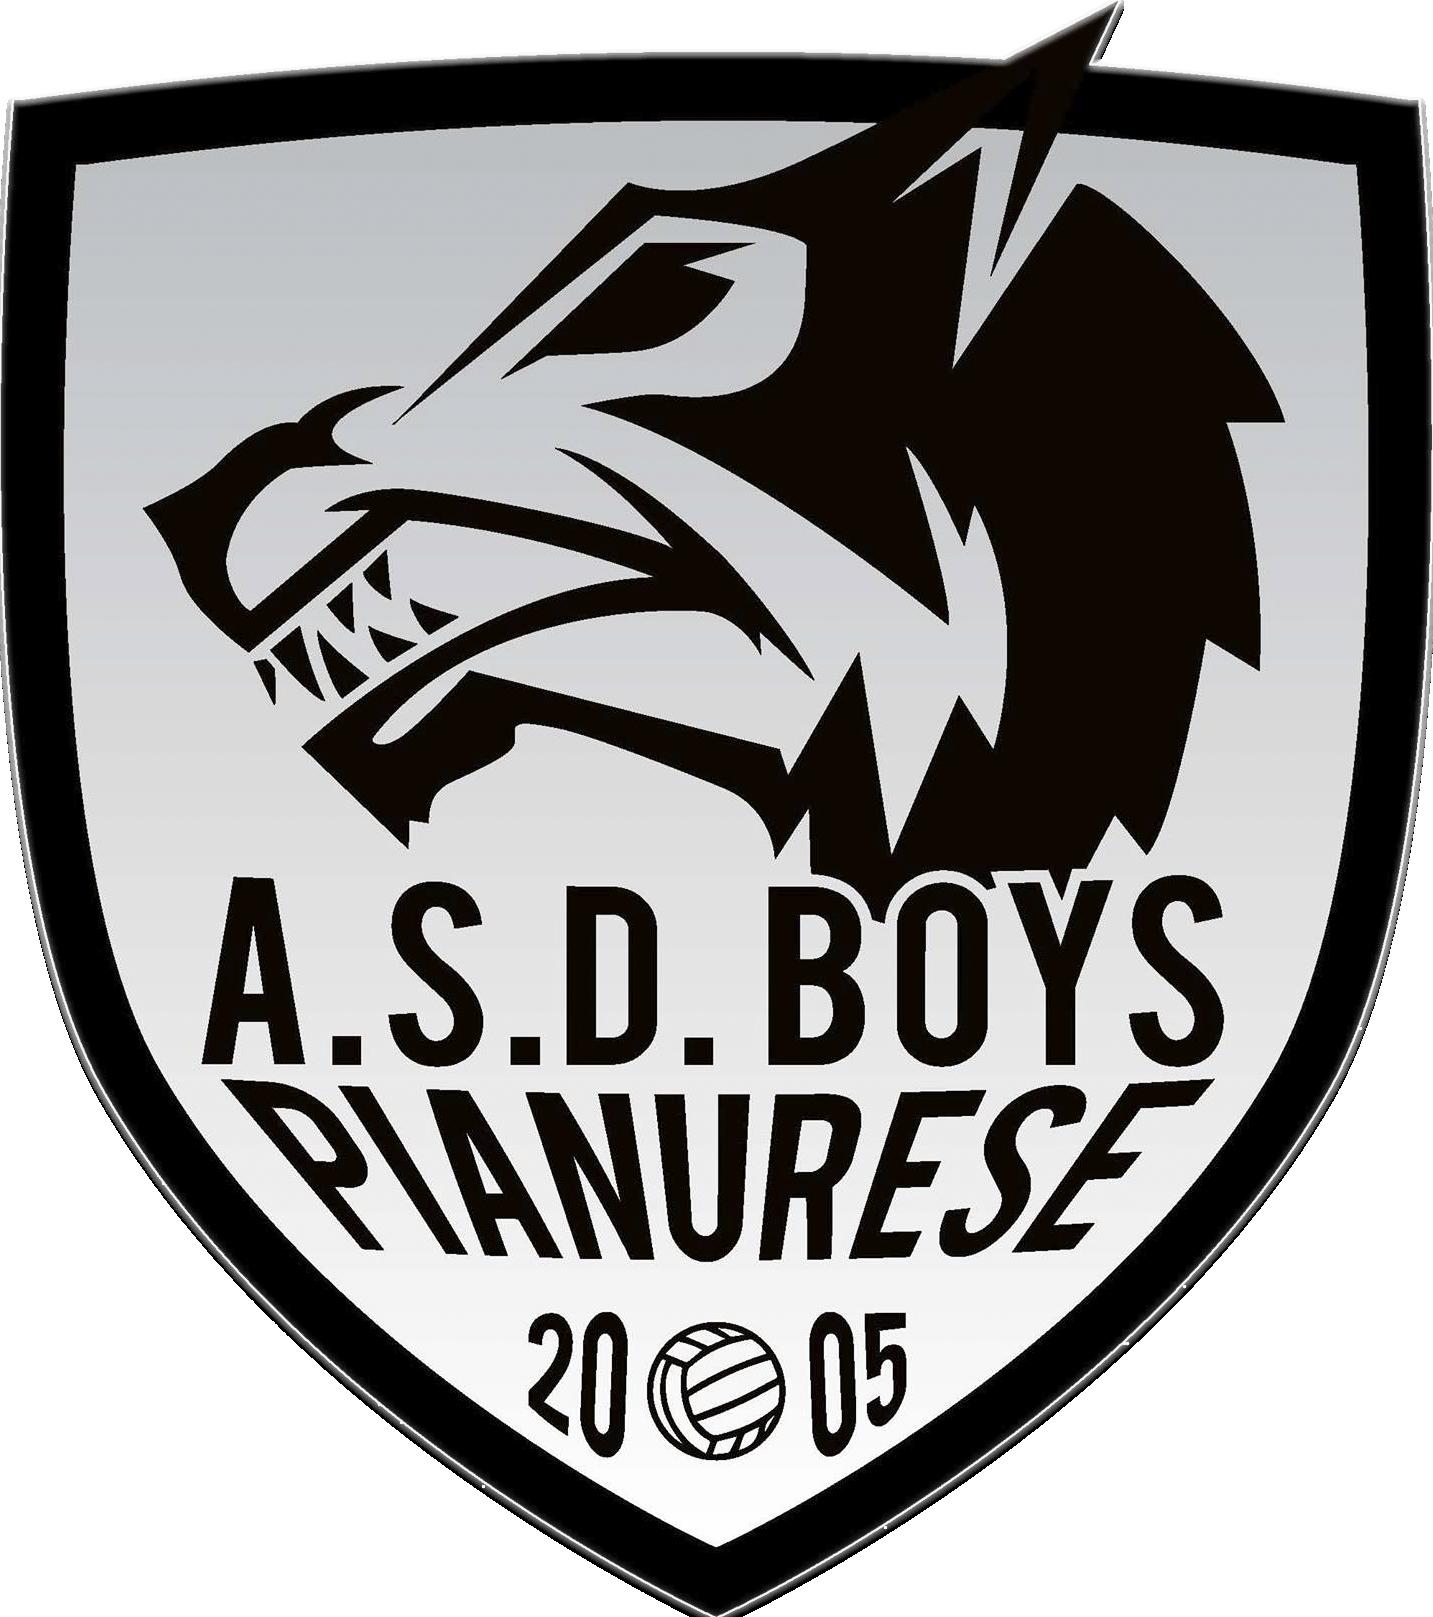 Pietro Saggiomo svela la nuova stagione della Boys Pianurese